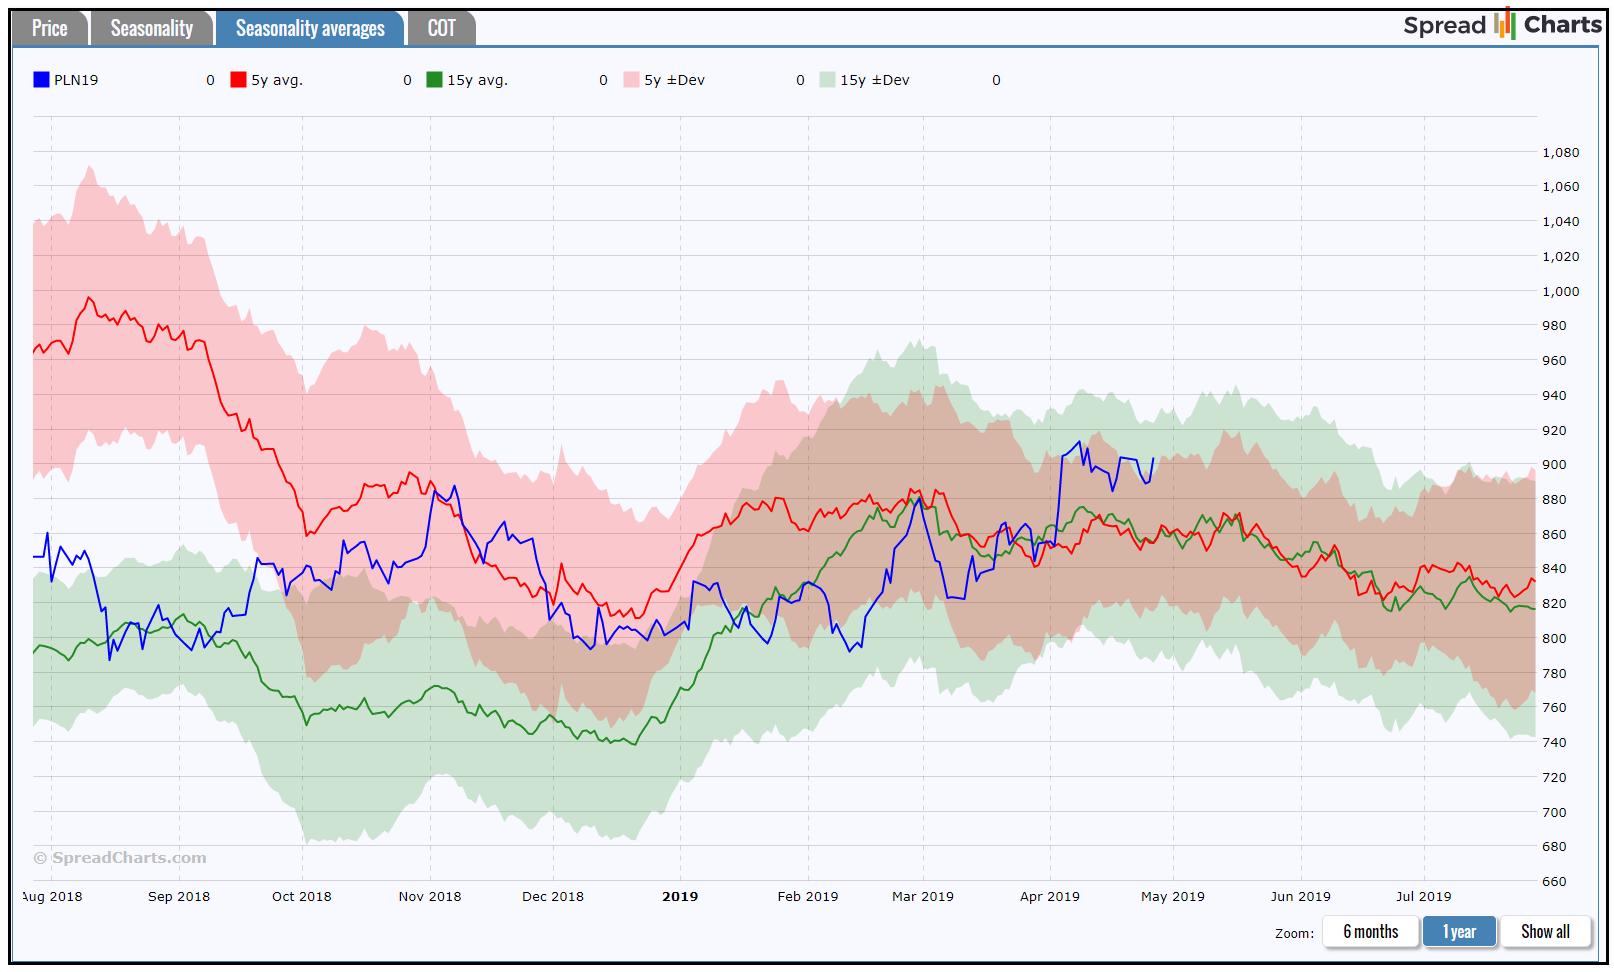 Sezonalita u komoditního trhu